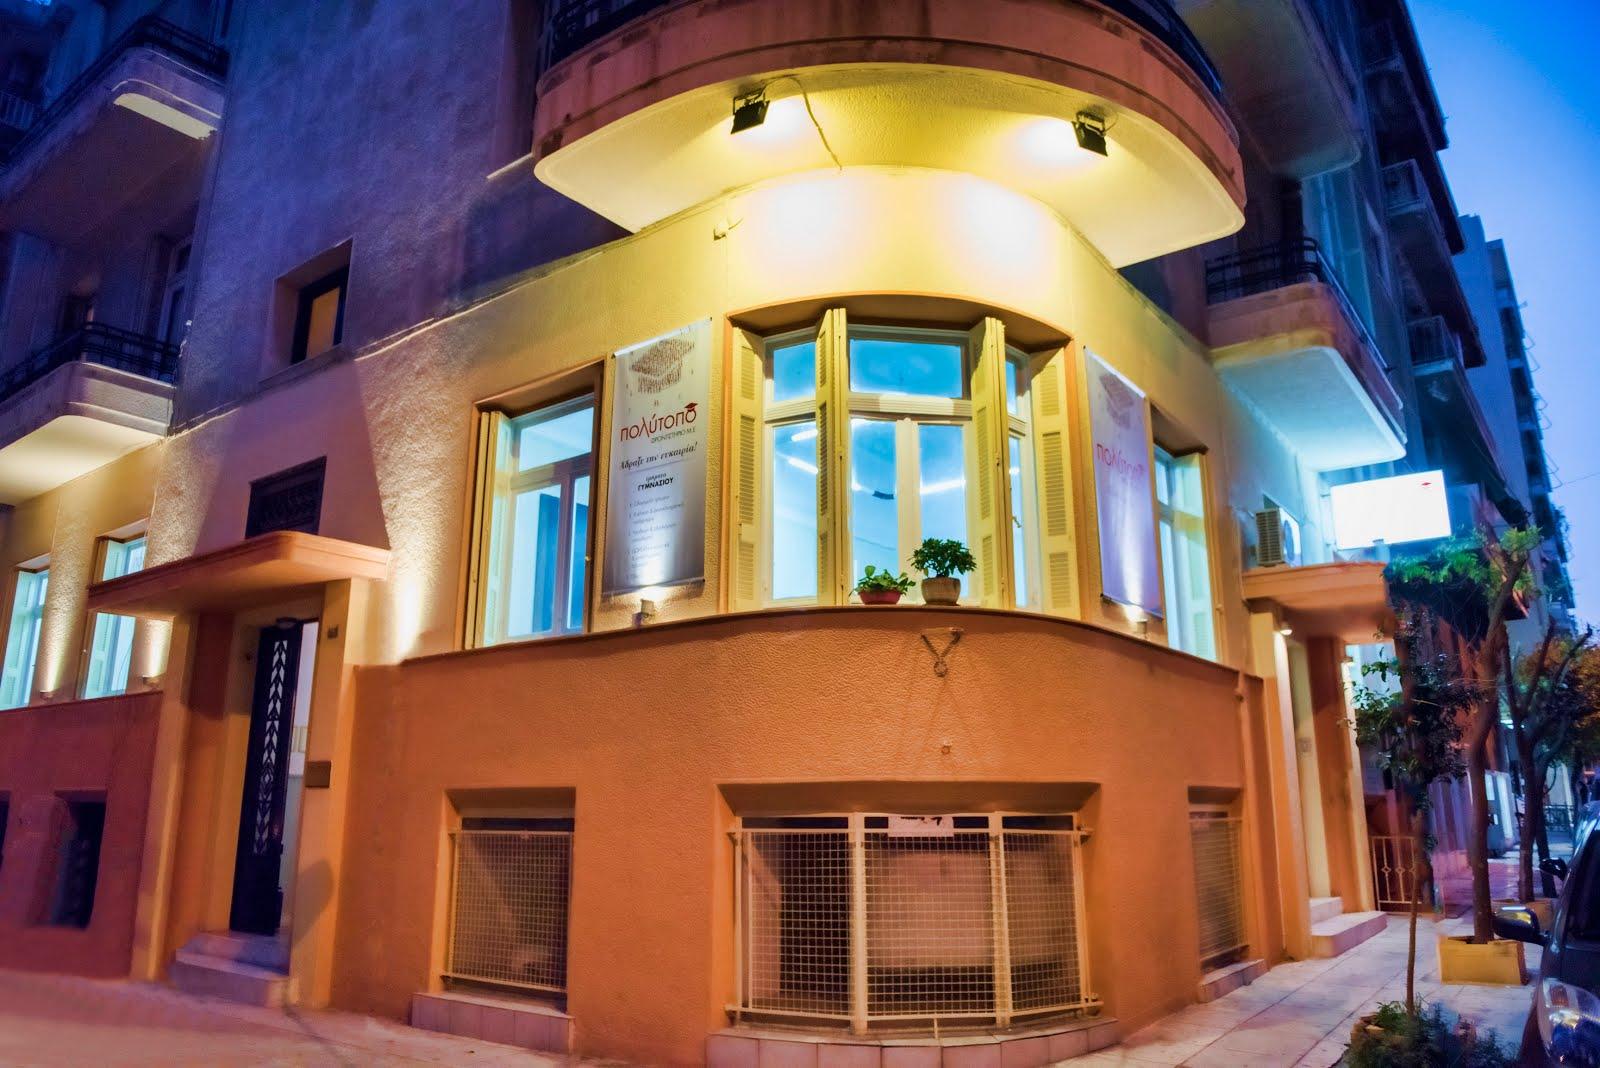 Ο χώρος μας σε νεοκλασικό κτήριο στο κέντρο του Πειραιά!